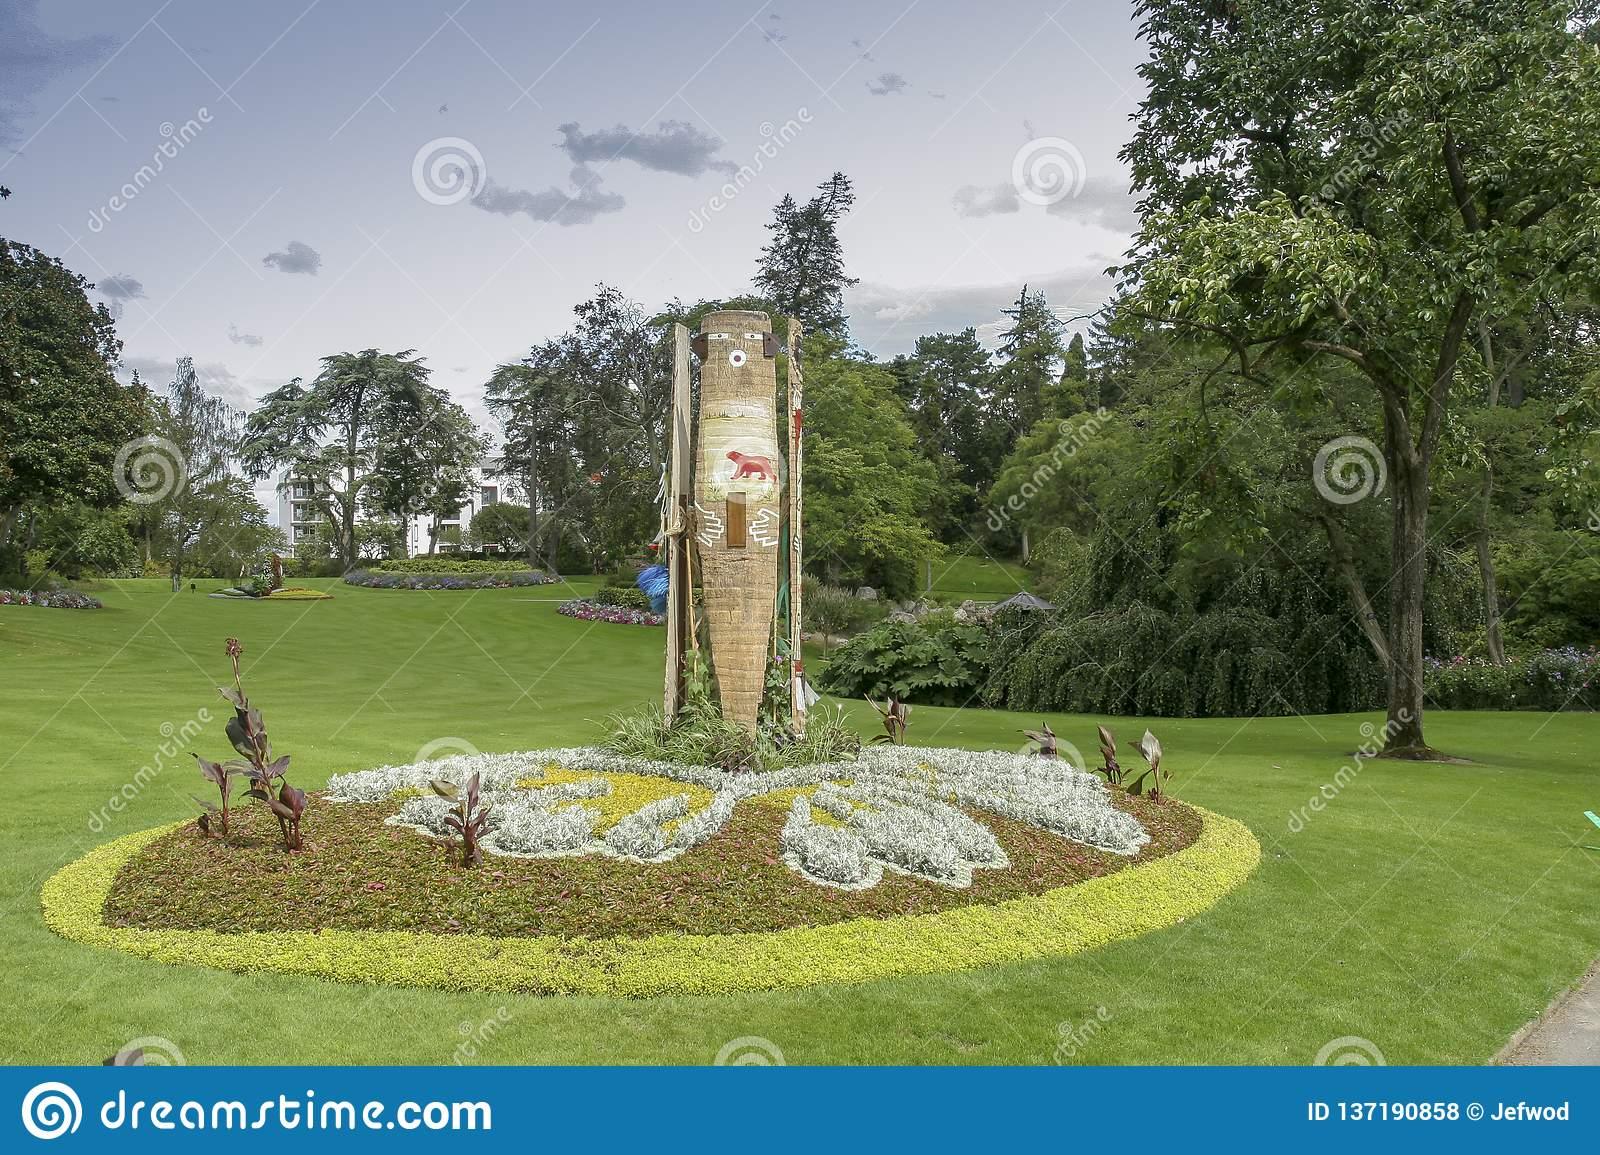 nantes france botanical garden city